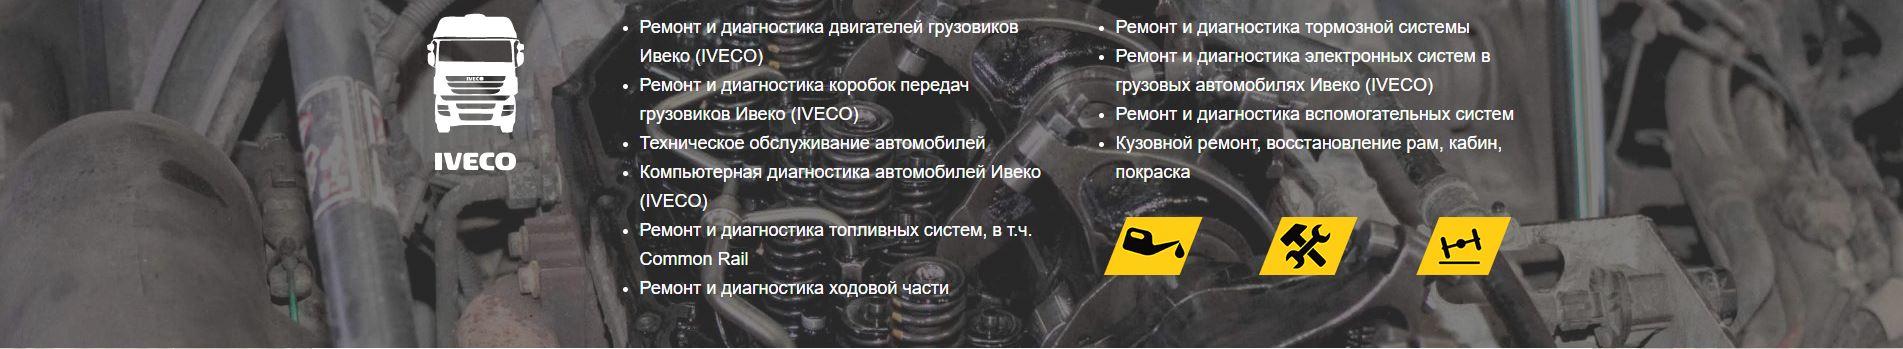 Обслуживание грузовых Ивеко (IVECO)